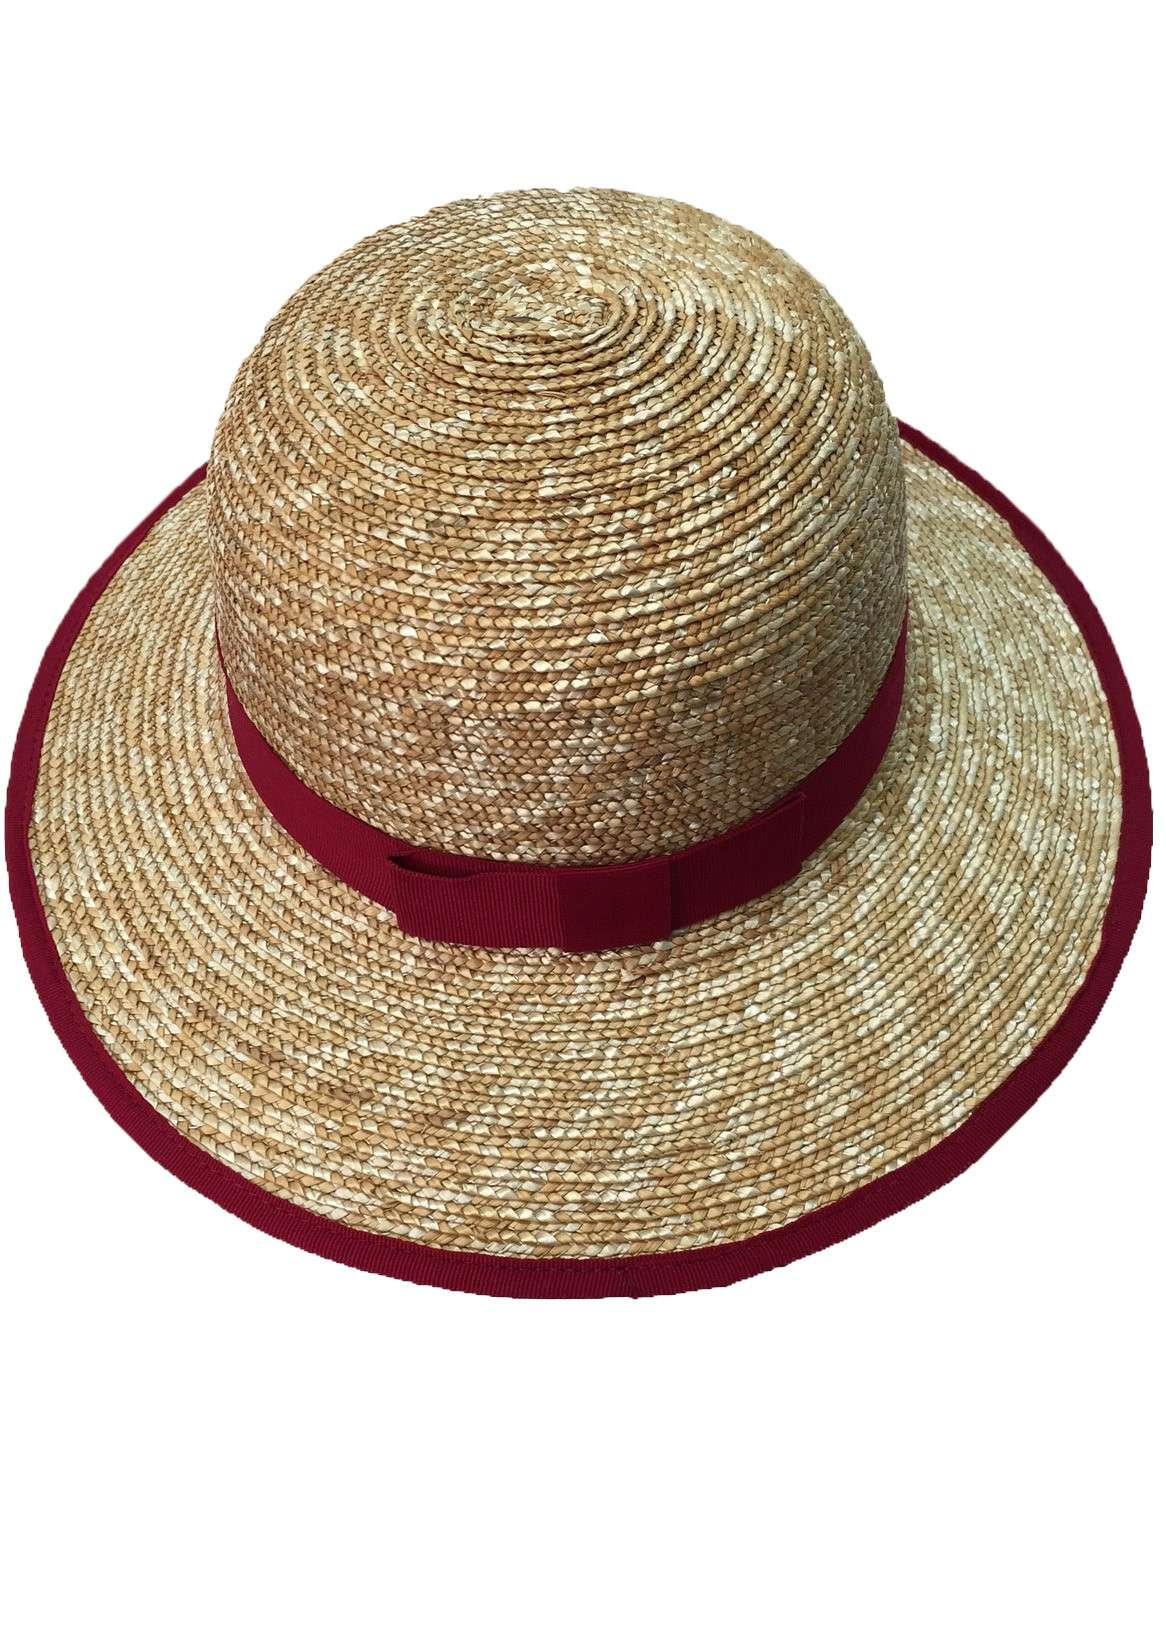 5e75b8e8c Straw Hat - Year 7 & 8 • Junior Uniform – Years 7 - 11 • Store • B